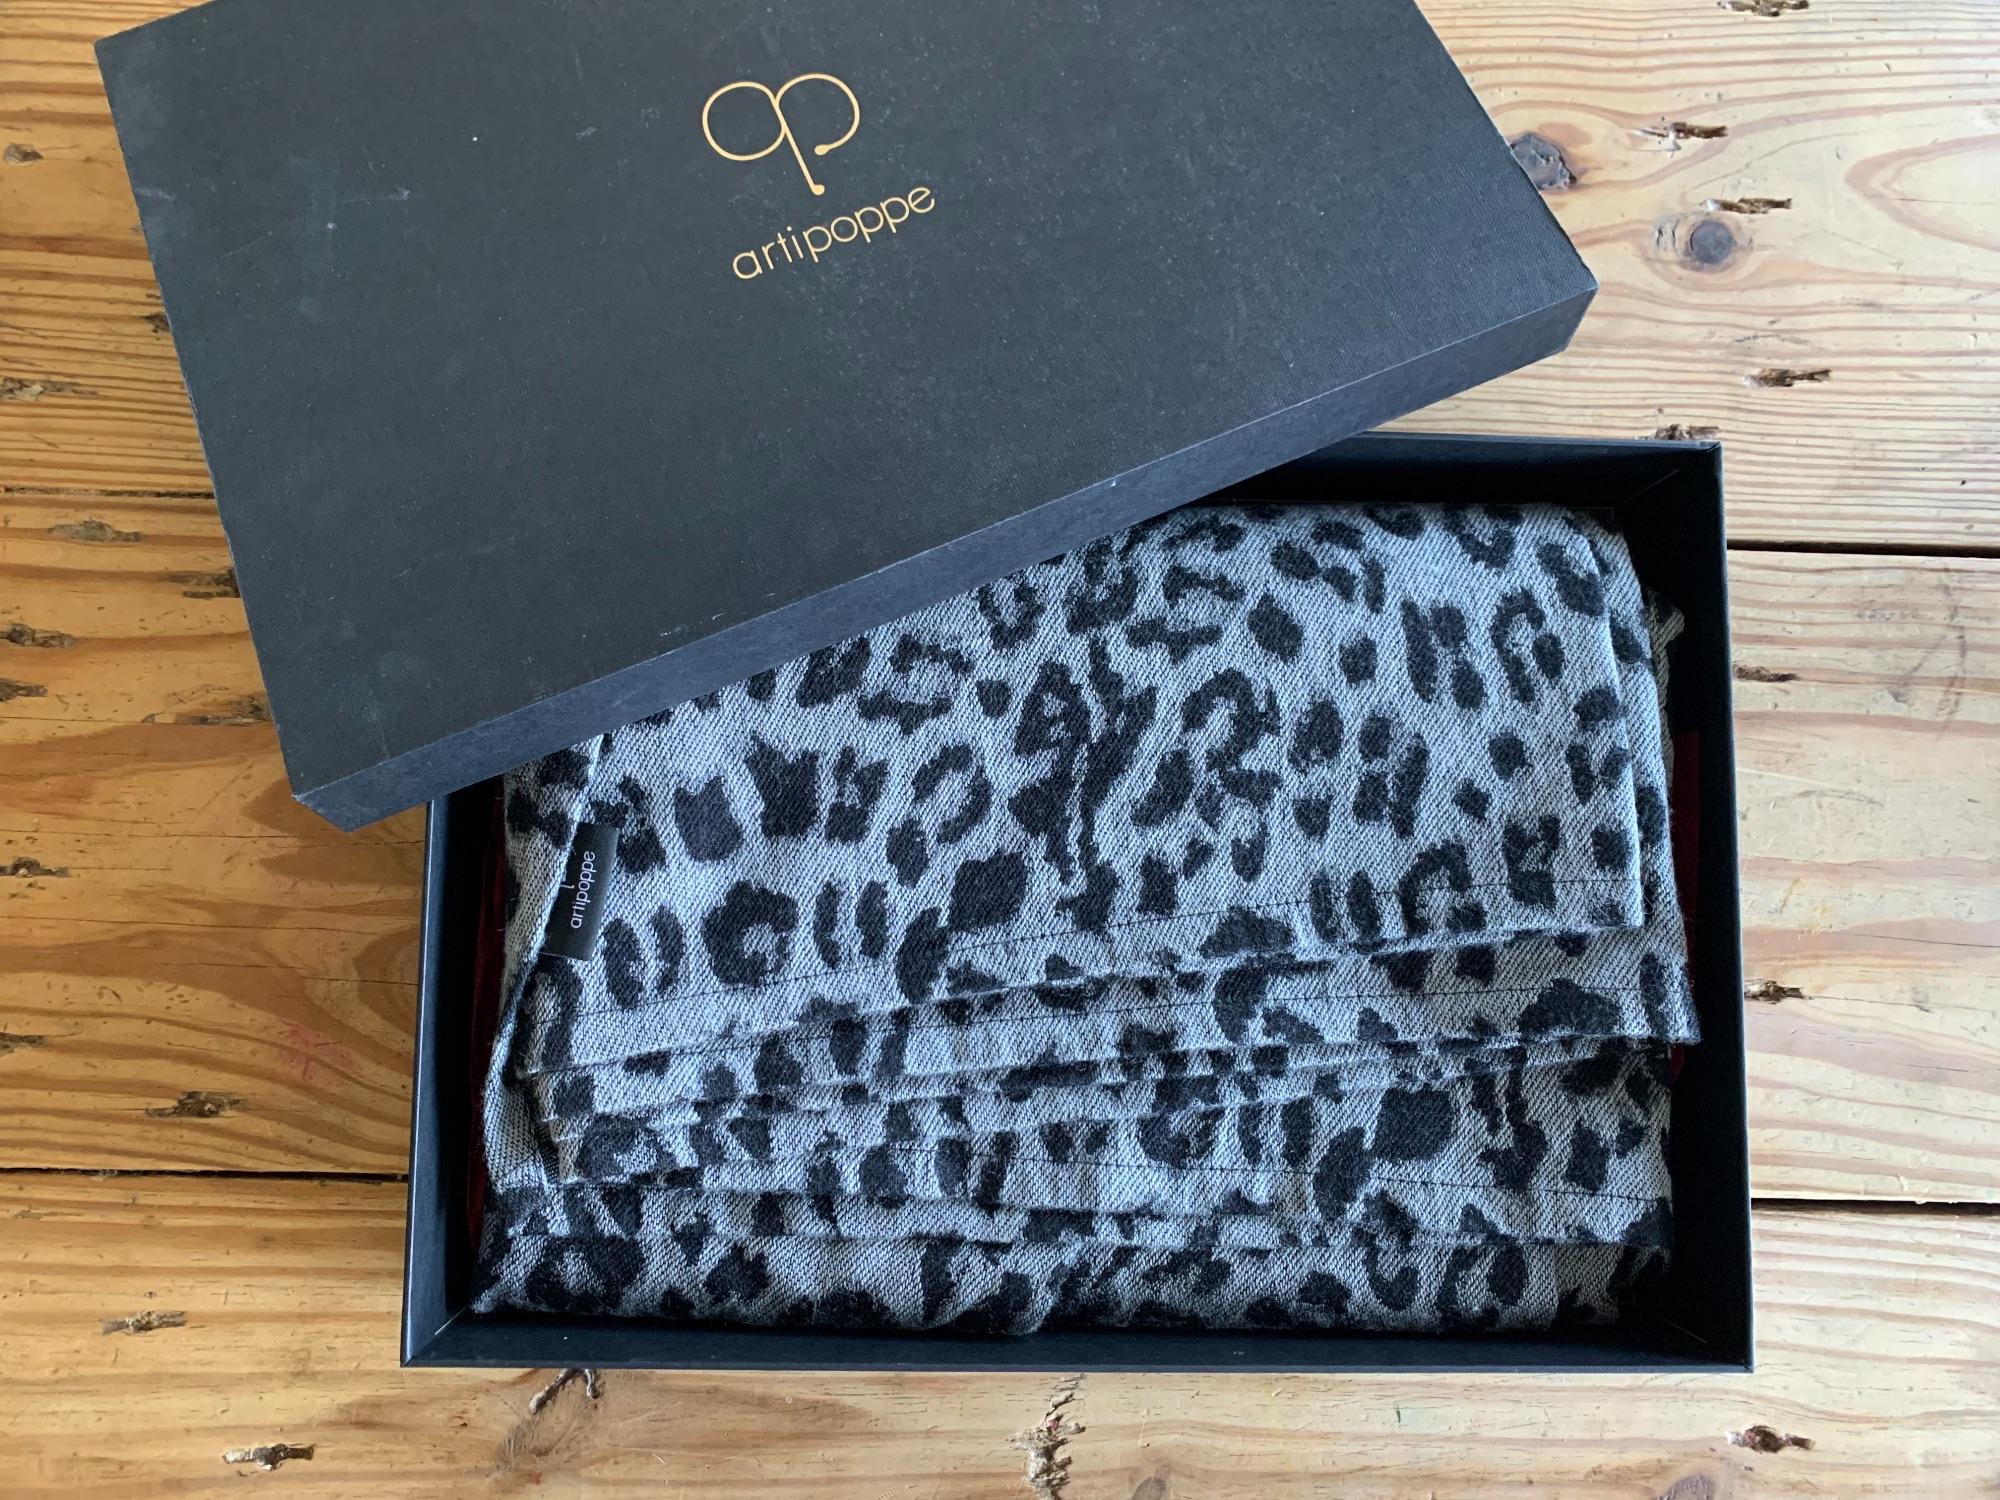 Artipoppe Dusky Leopard maat 6 (standard size)